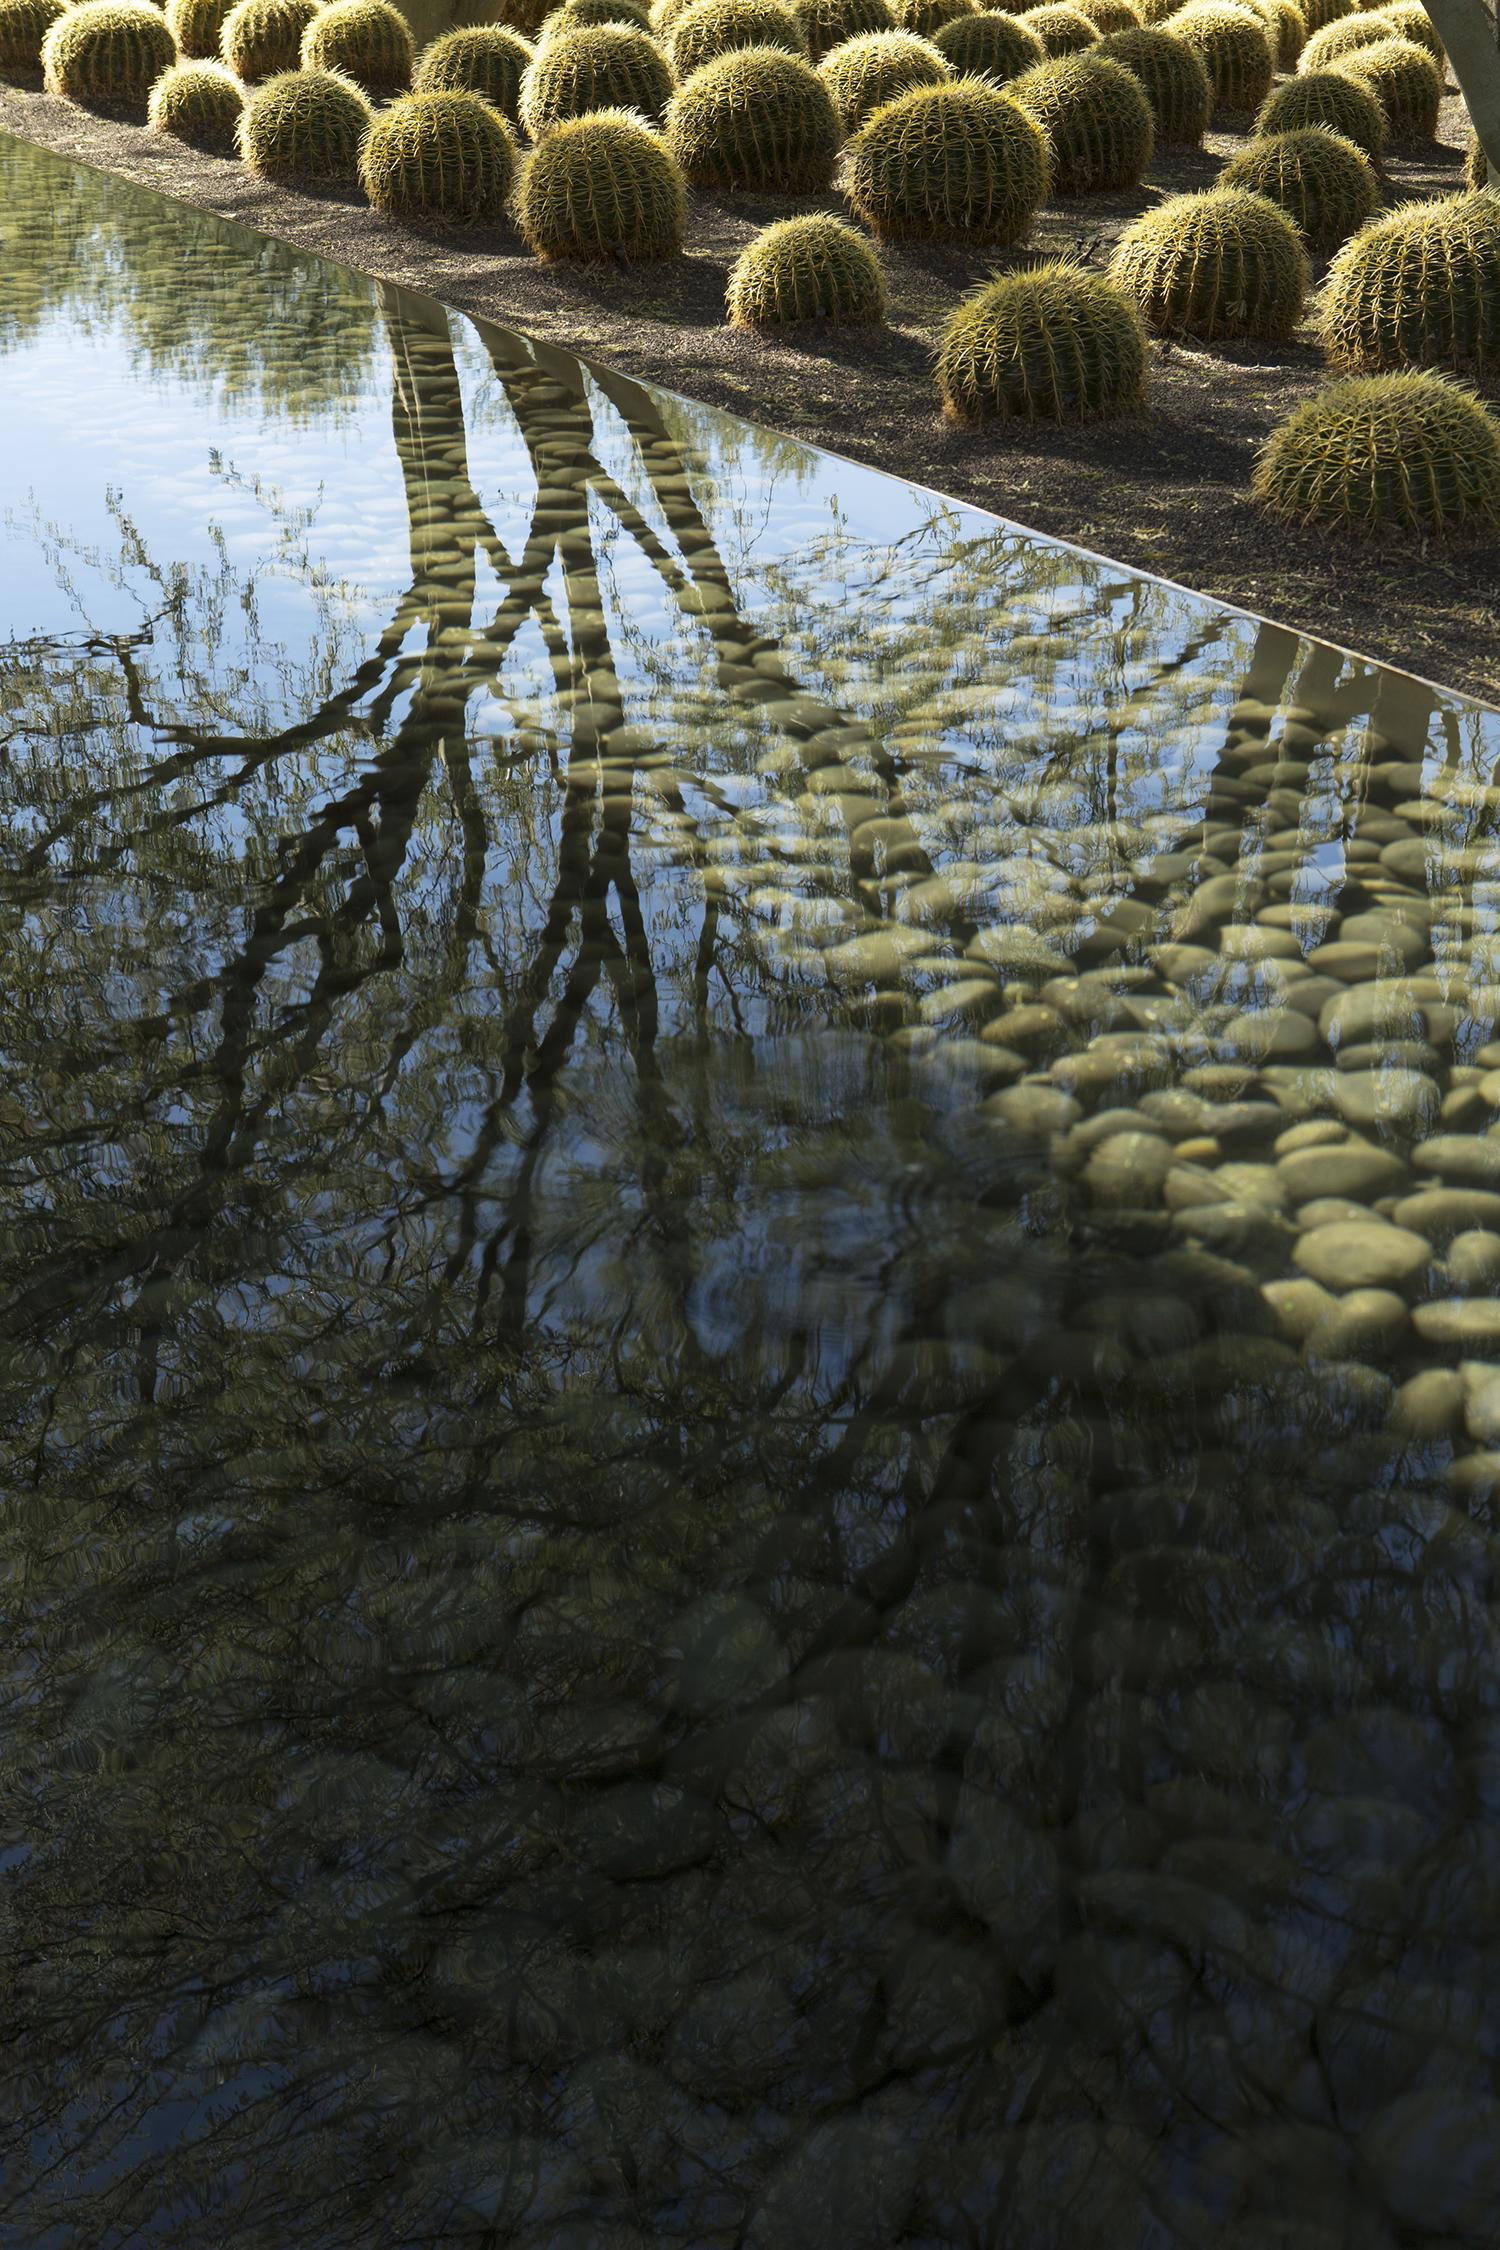 cactus-pond